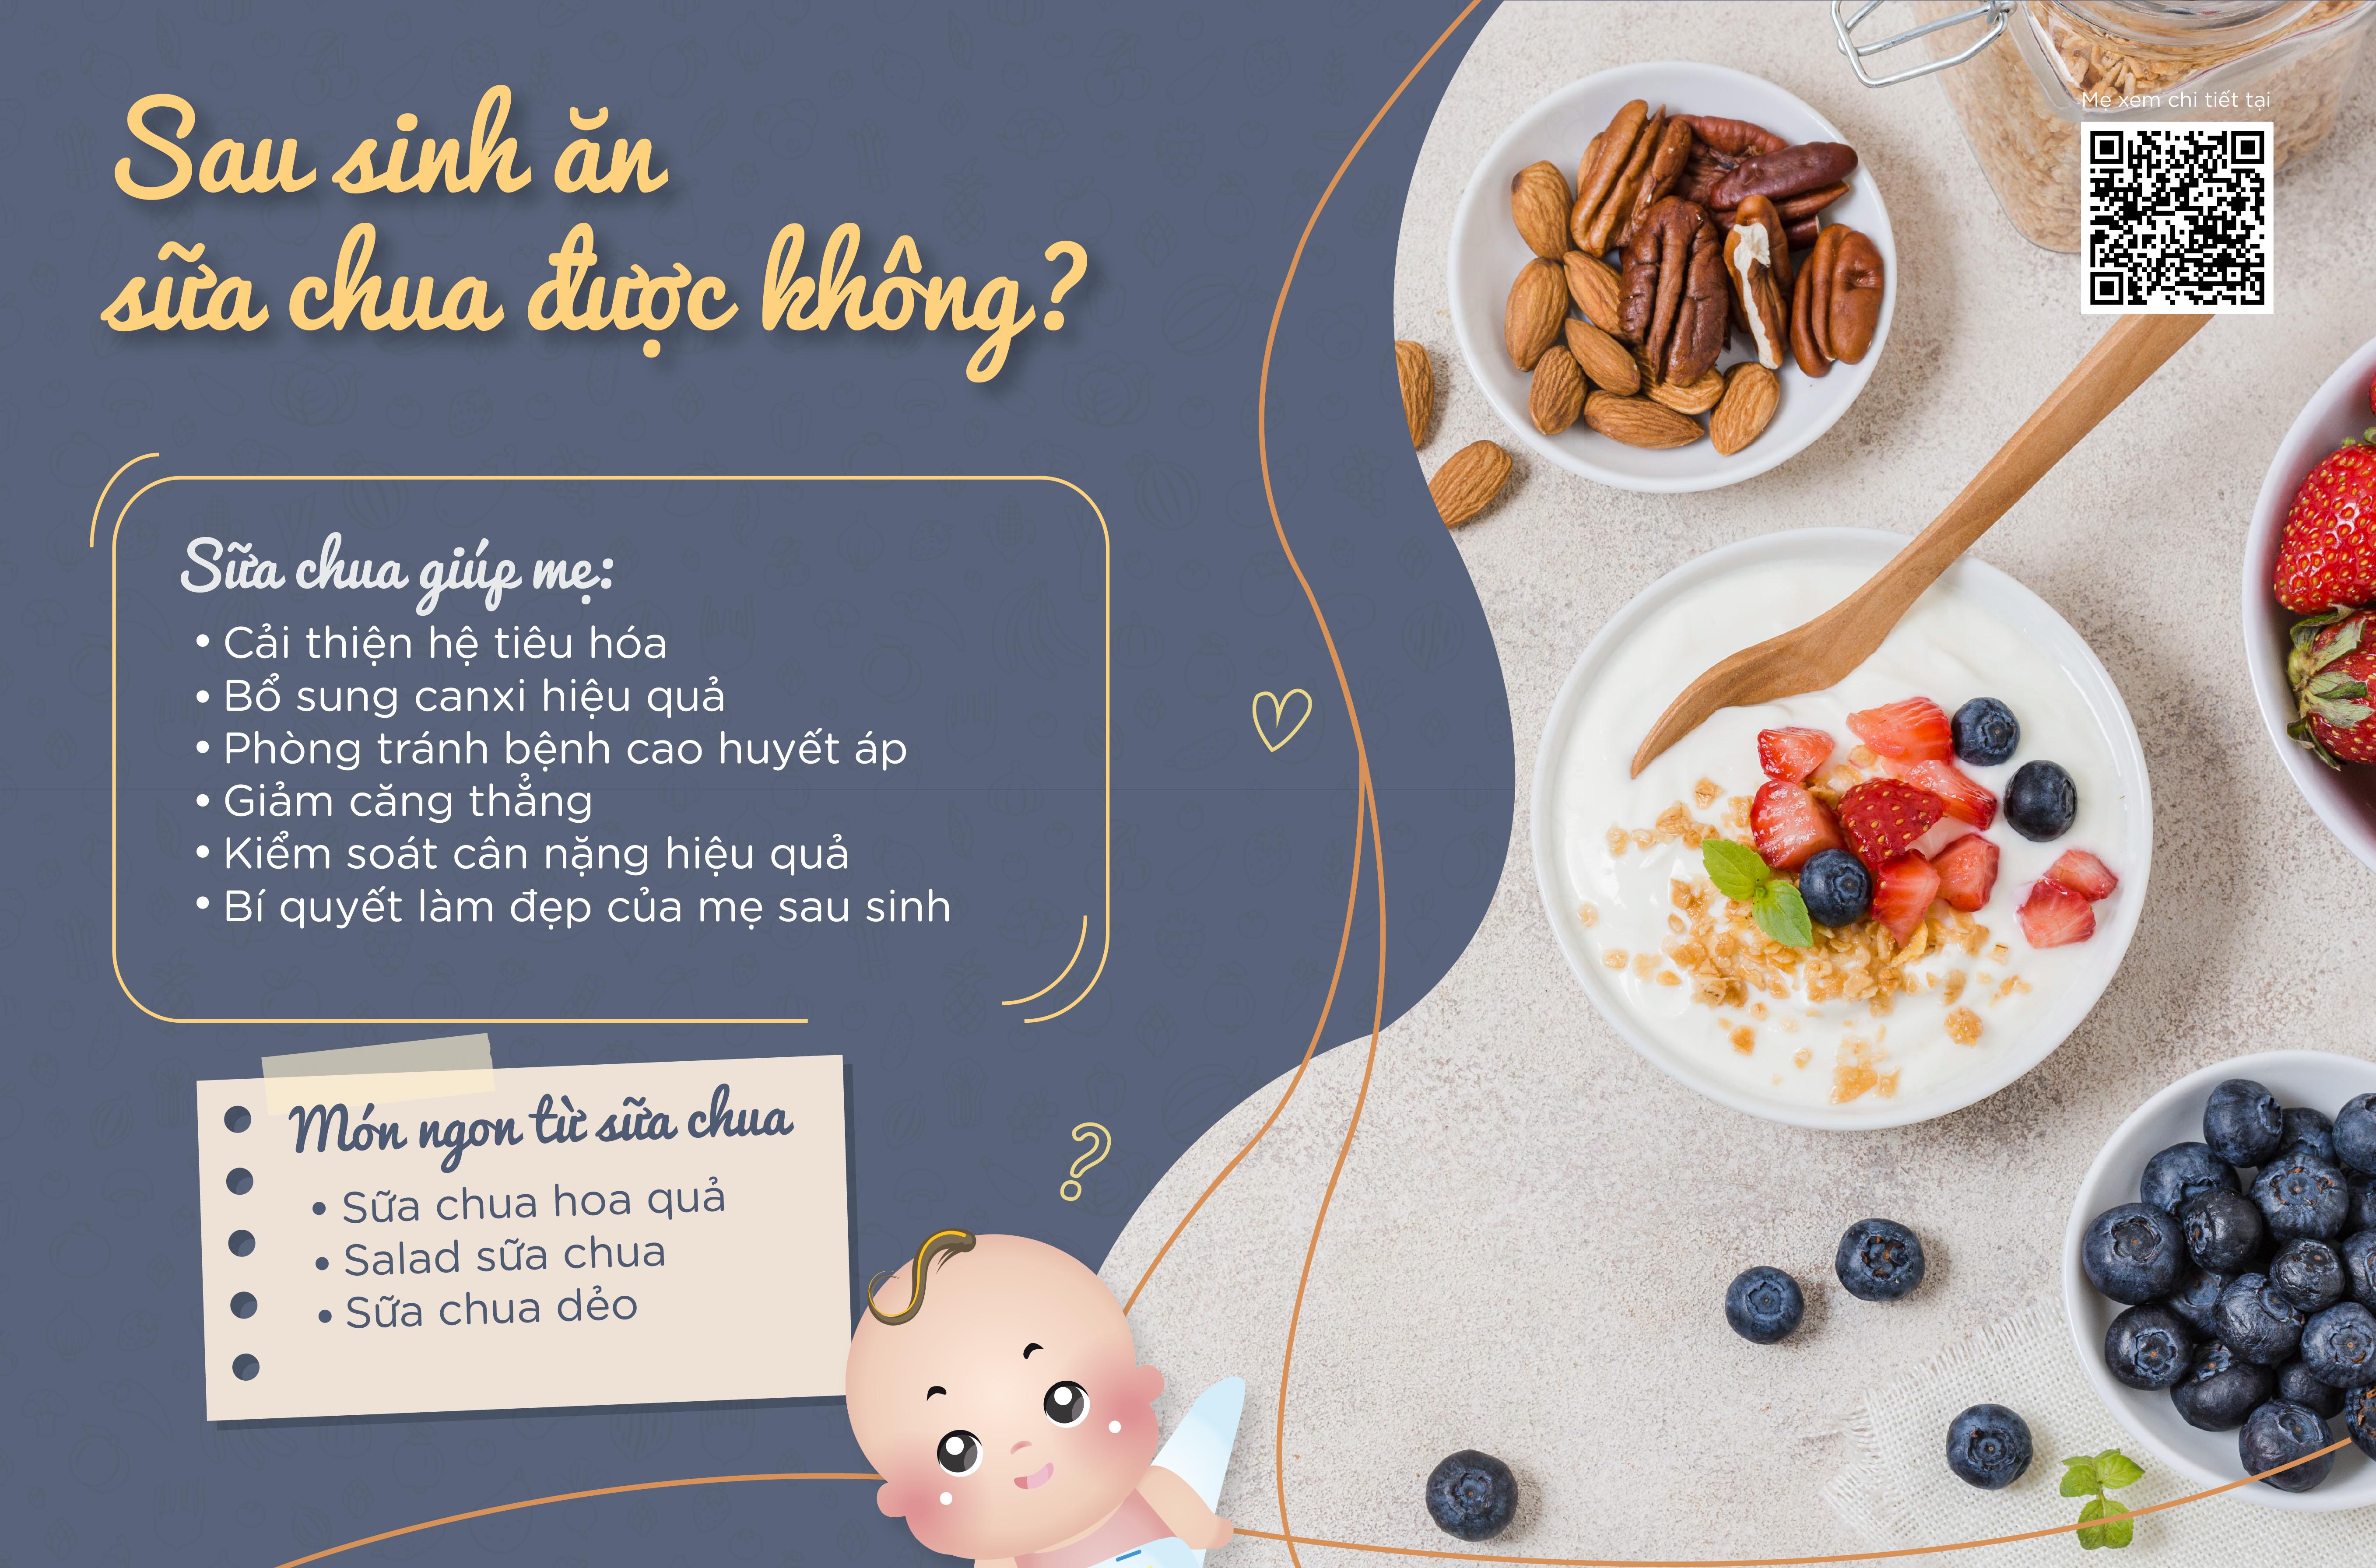 Sau sinh ăn sữa chua được không?